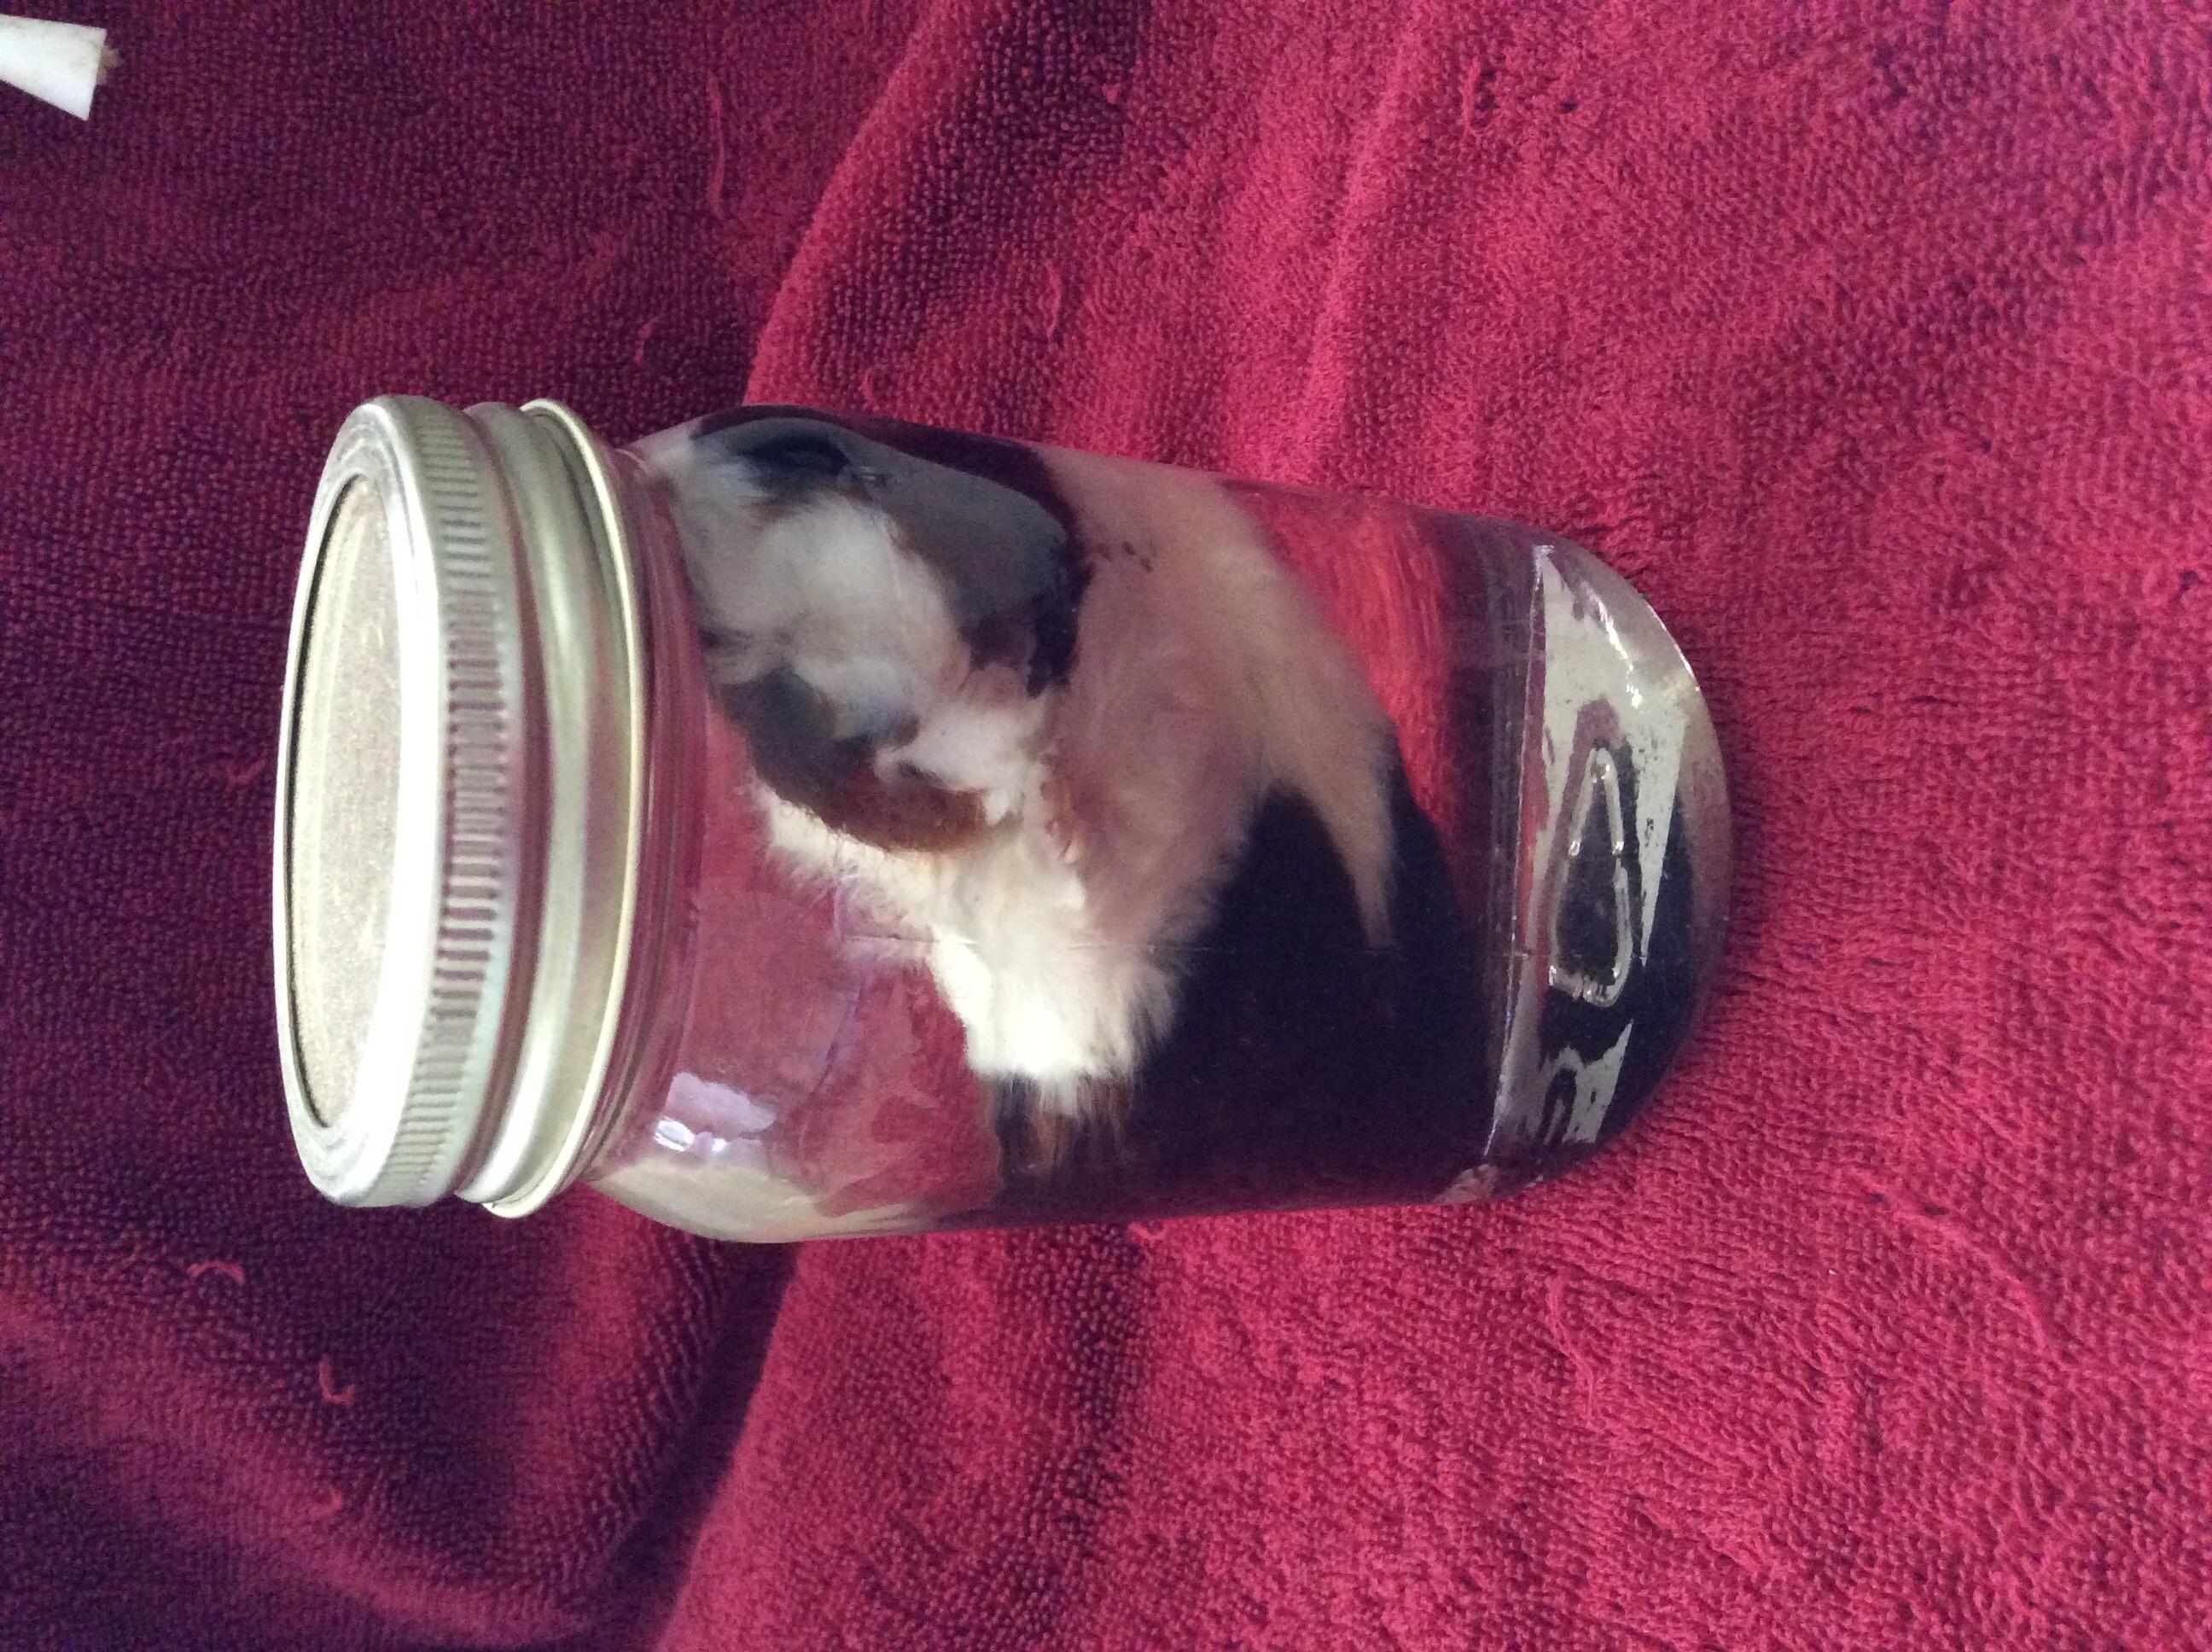 Fetal Guinea Pig Wet Specimen On Storenvy